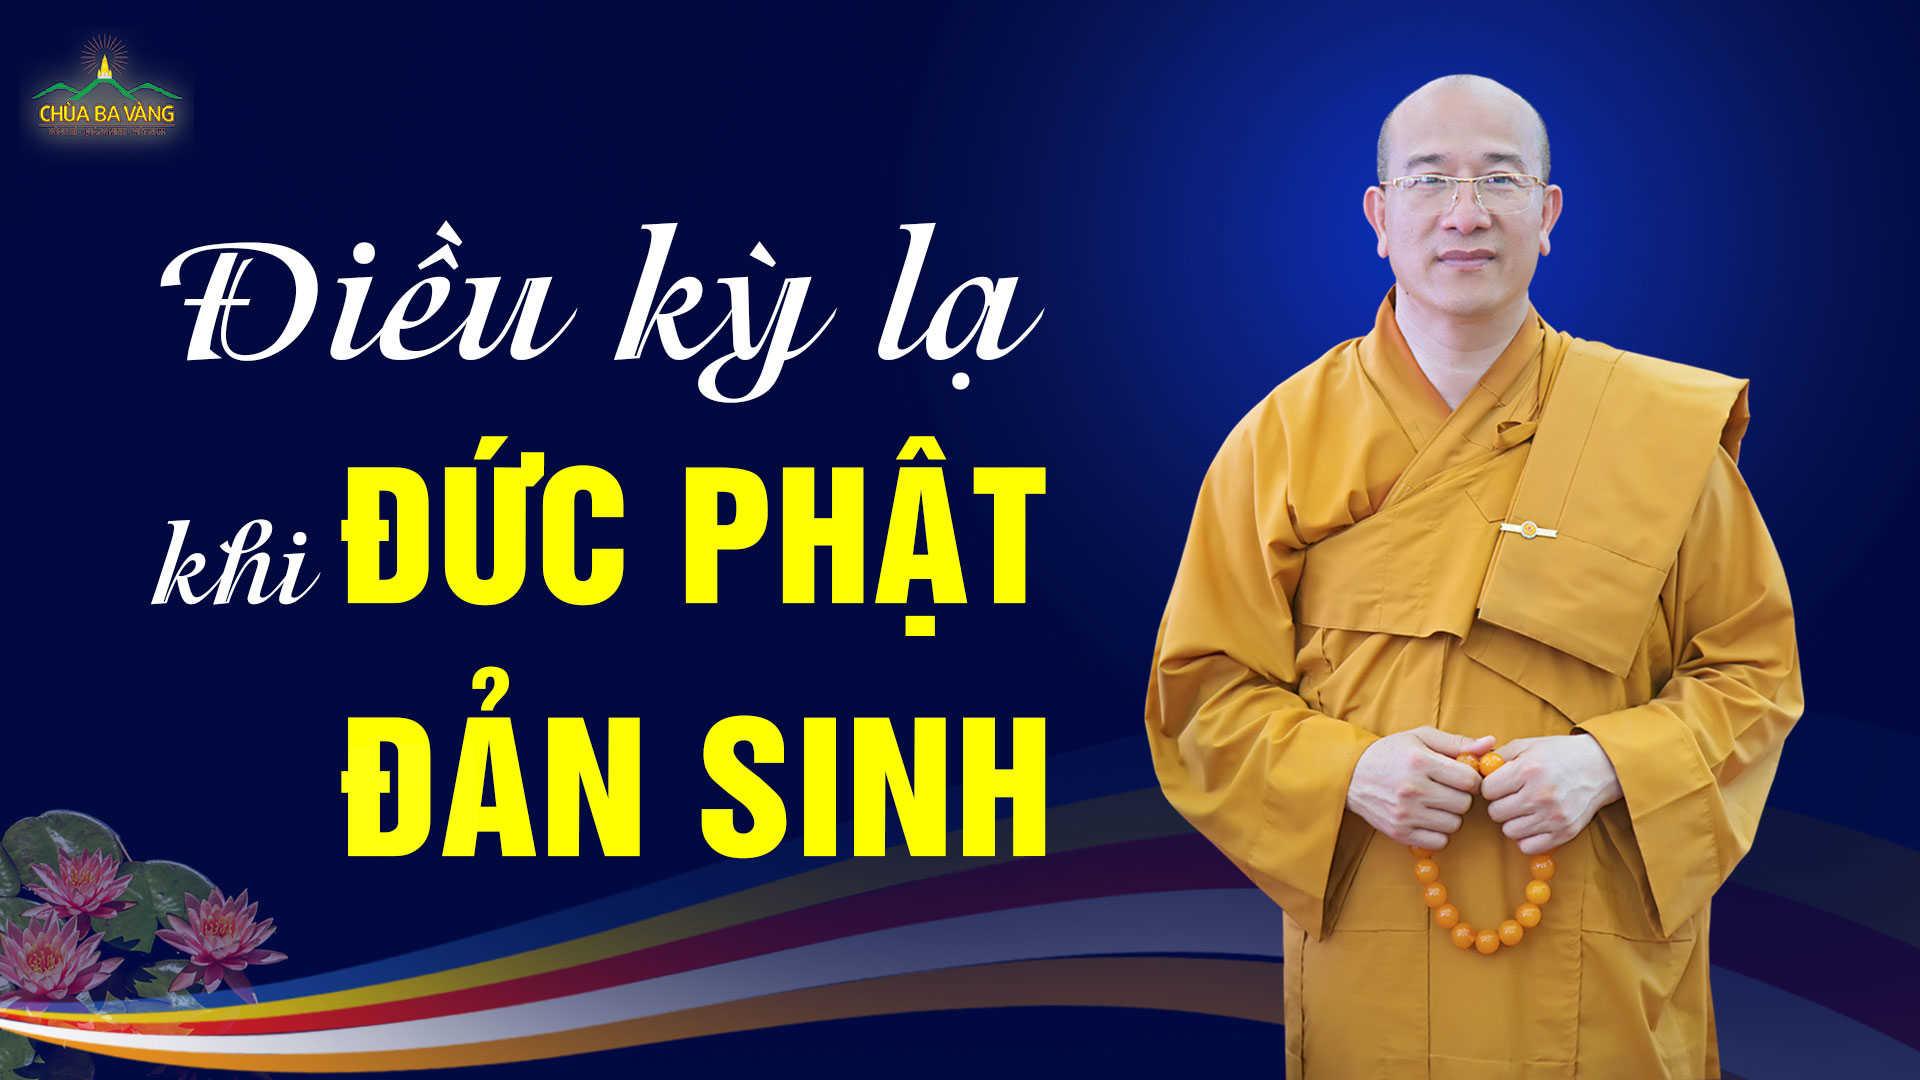 Những chuyện kỳ lạ khi Đức Phật đản sinh